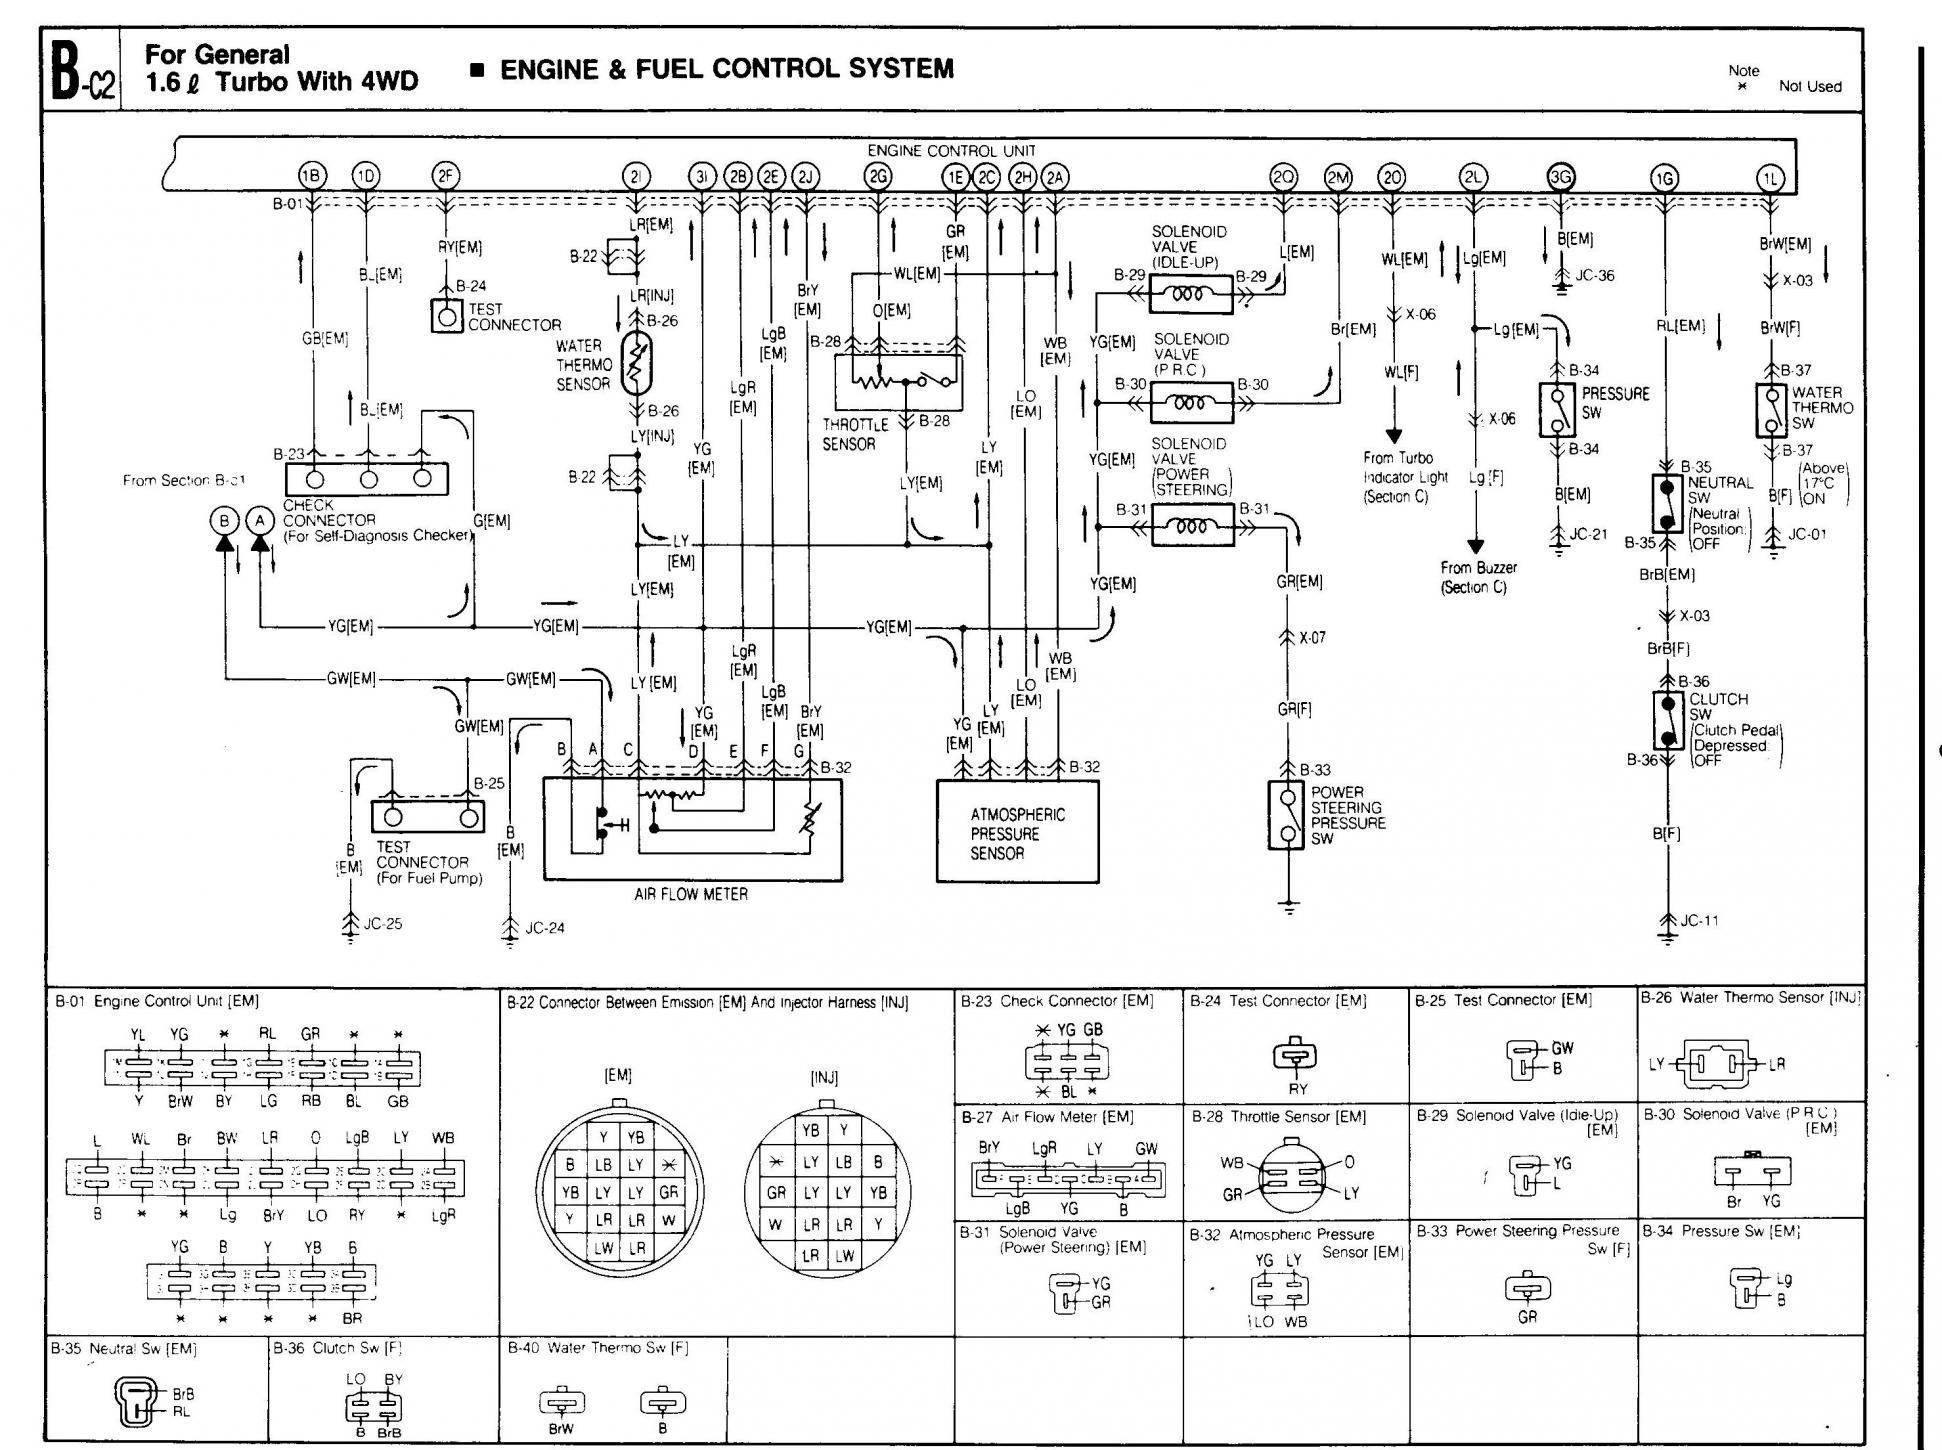 mazda mx3 radio wiring diagram mazda rx8 wiring diagram elsavadorla